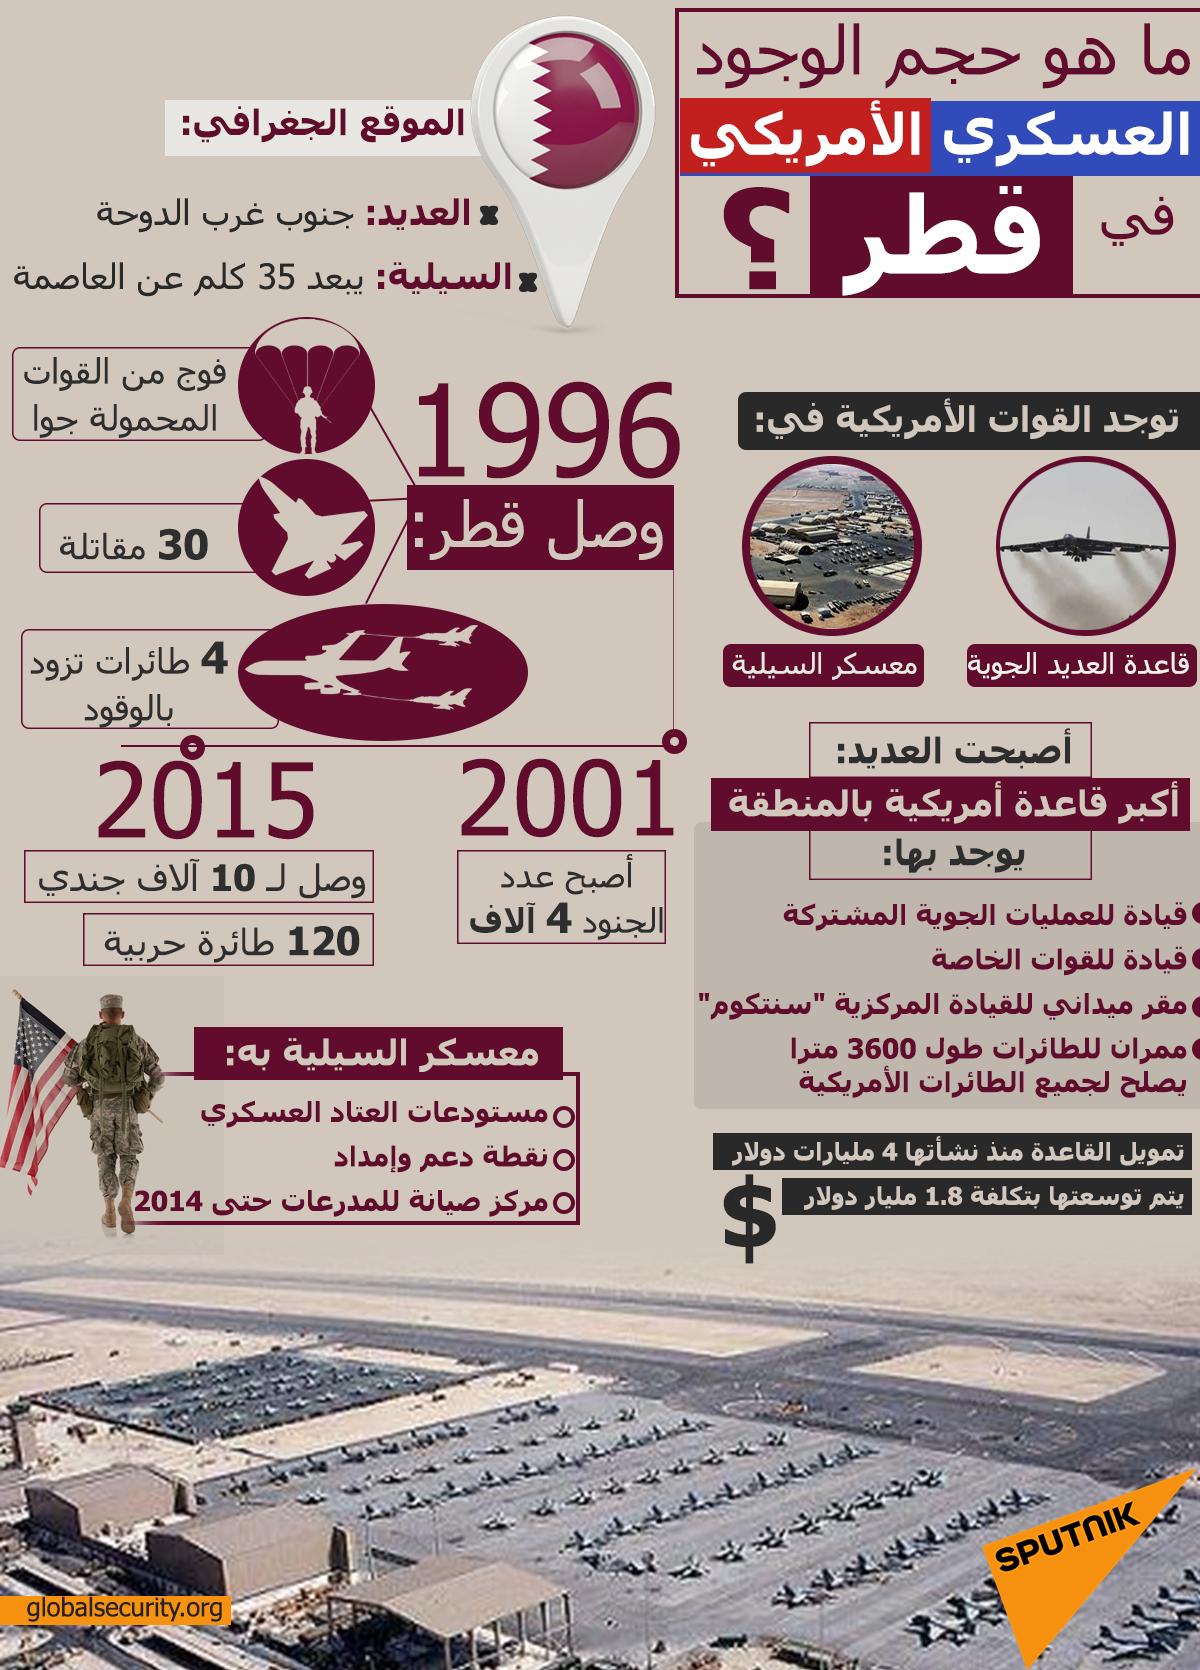 ما هو حجم الوجود العسكري الأمريكي في قطر؟